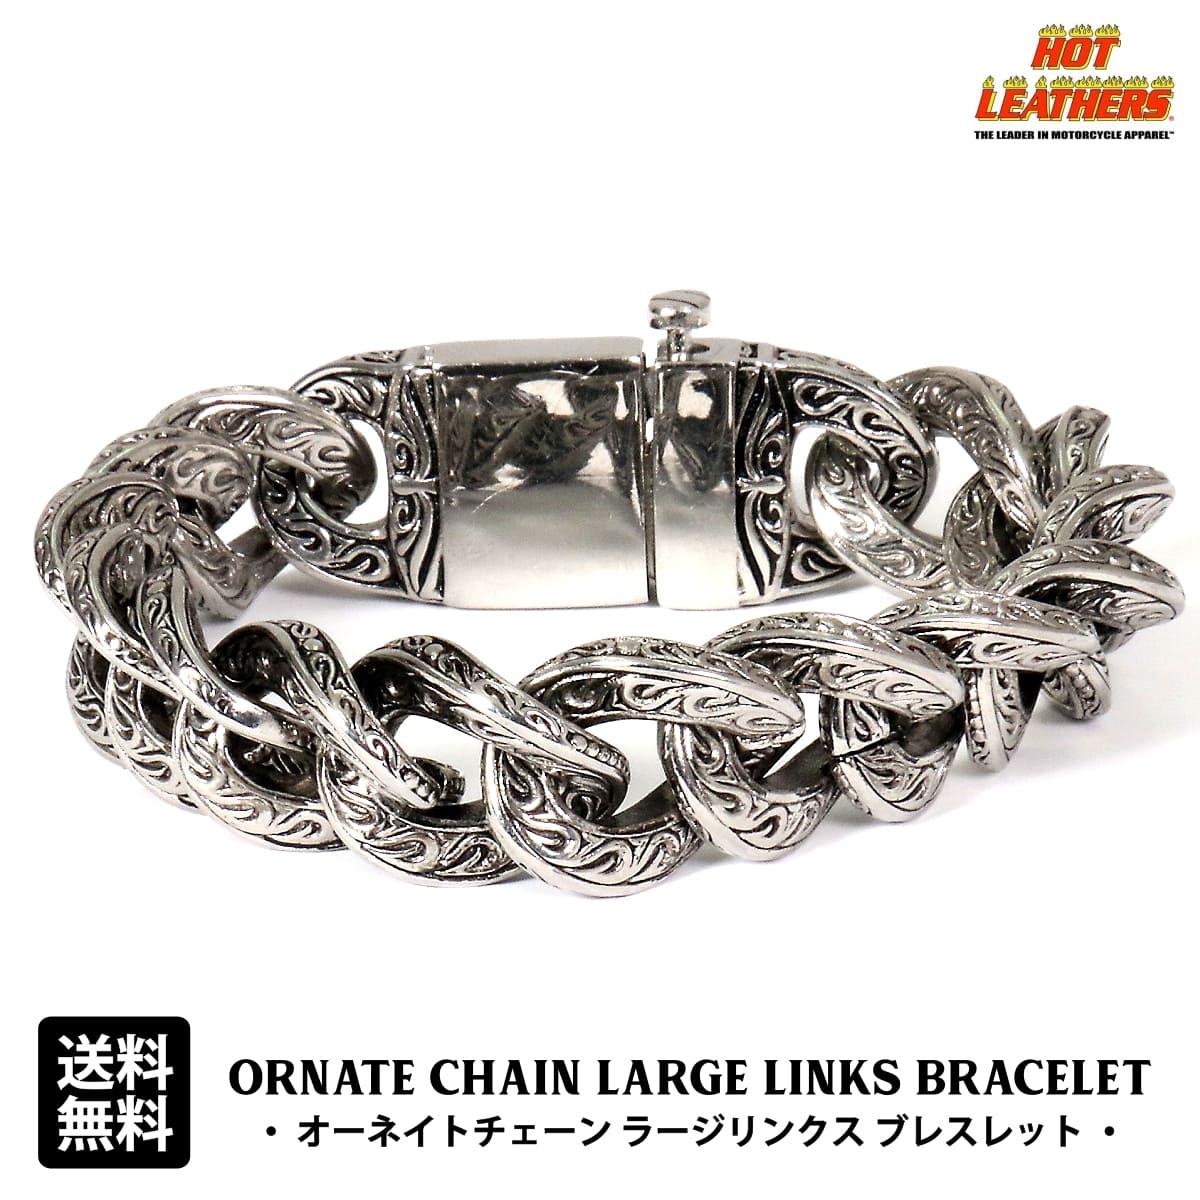 【送料無料!】日本未発売! HOTLEATHERS [Ornate Chain Large Links Bracelet] ホットレザー オーネイトチェーン ラージリンクスブレスレット! 腕輪 ごつめ メンズ シルバーカラー ネイティブ 8.5インチ 米国直輸入! バイク バイカー アクセサリー